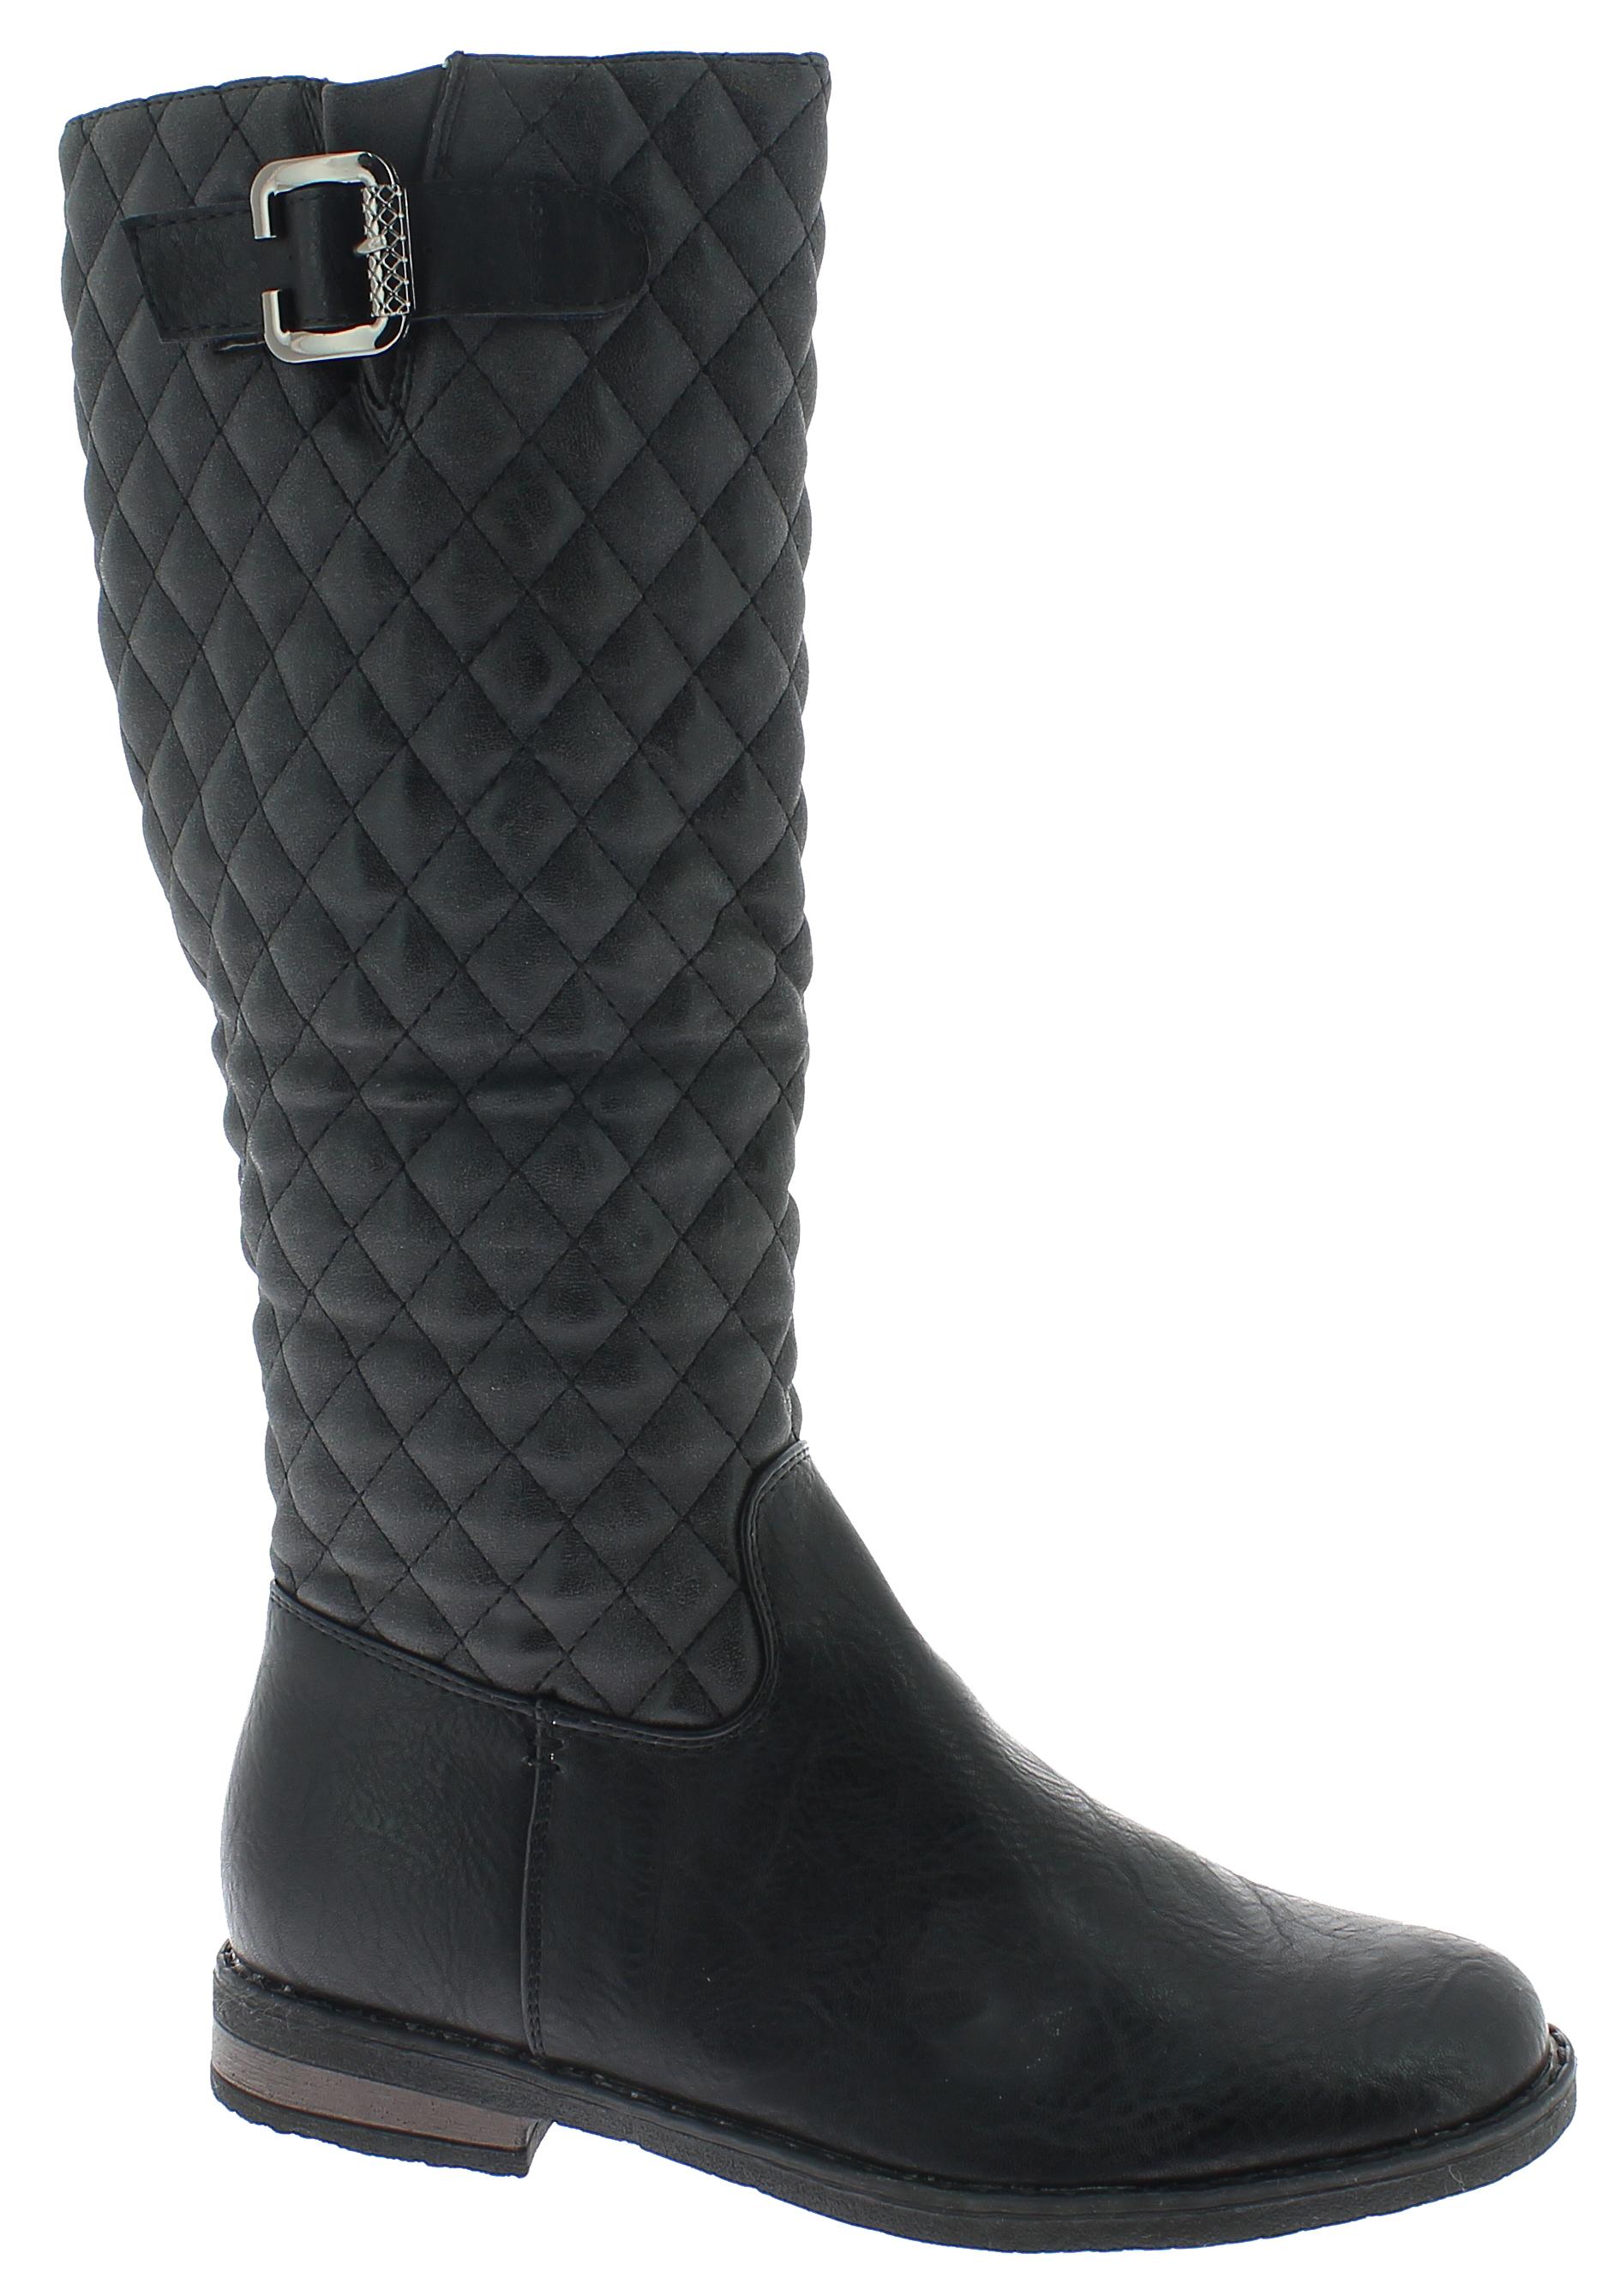 DEITIJ Γυναικεία Μπότα YSY7511 Μαύρο - IqShoes - YSY7511 BLACK-black-38/1/15/11 παπούτσια  γυναικεία μποτάκια